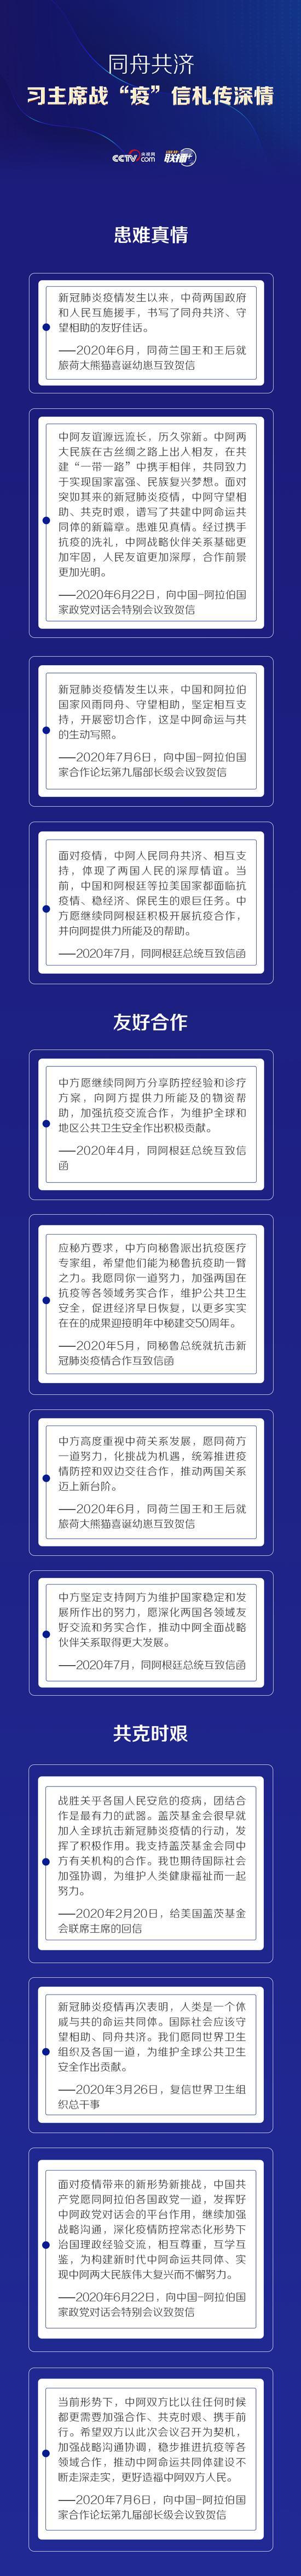 舟共济习sky平台近平战疫信,sky平台图片